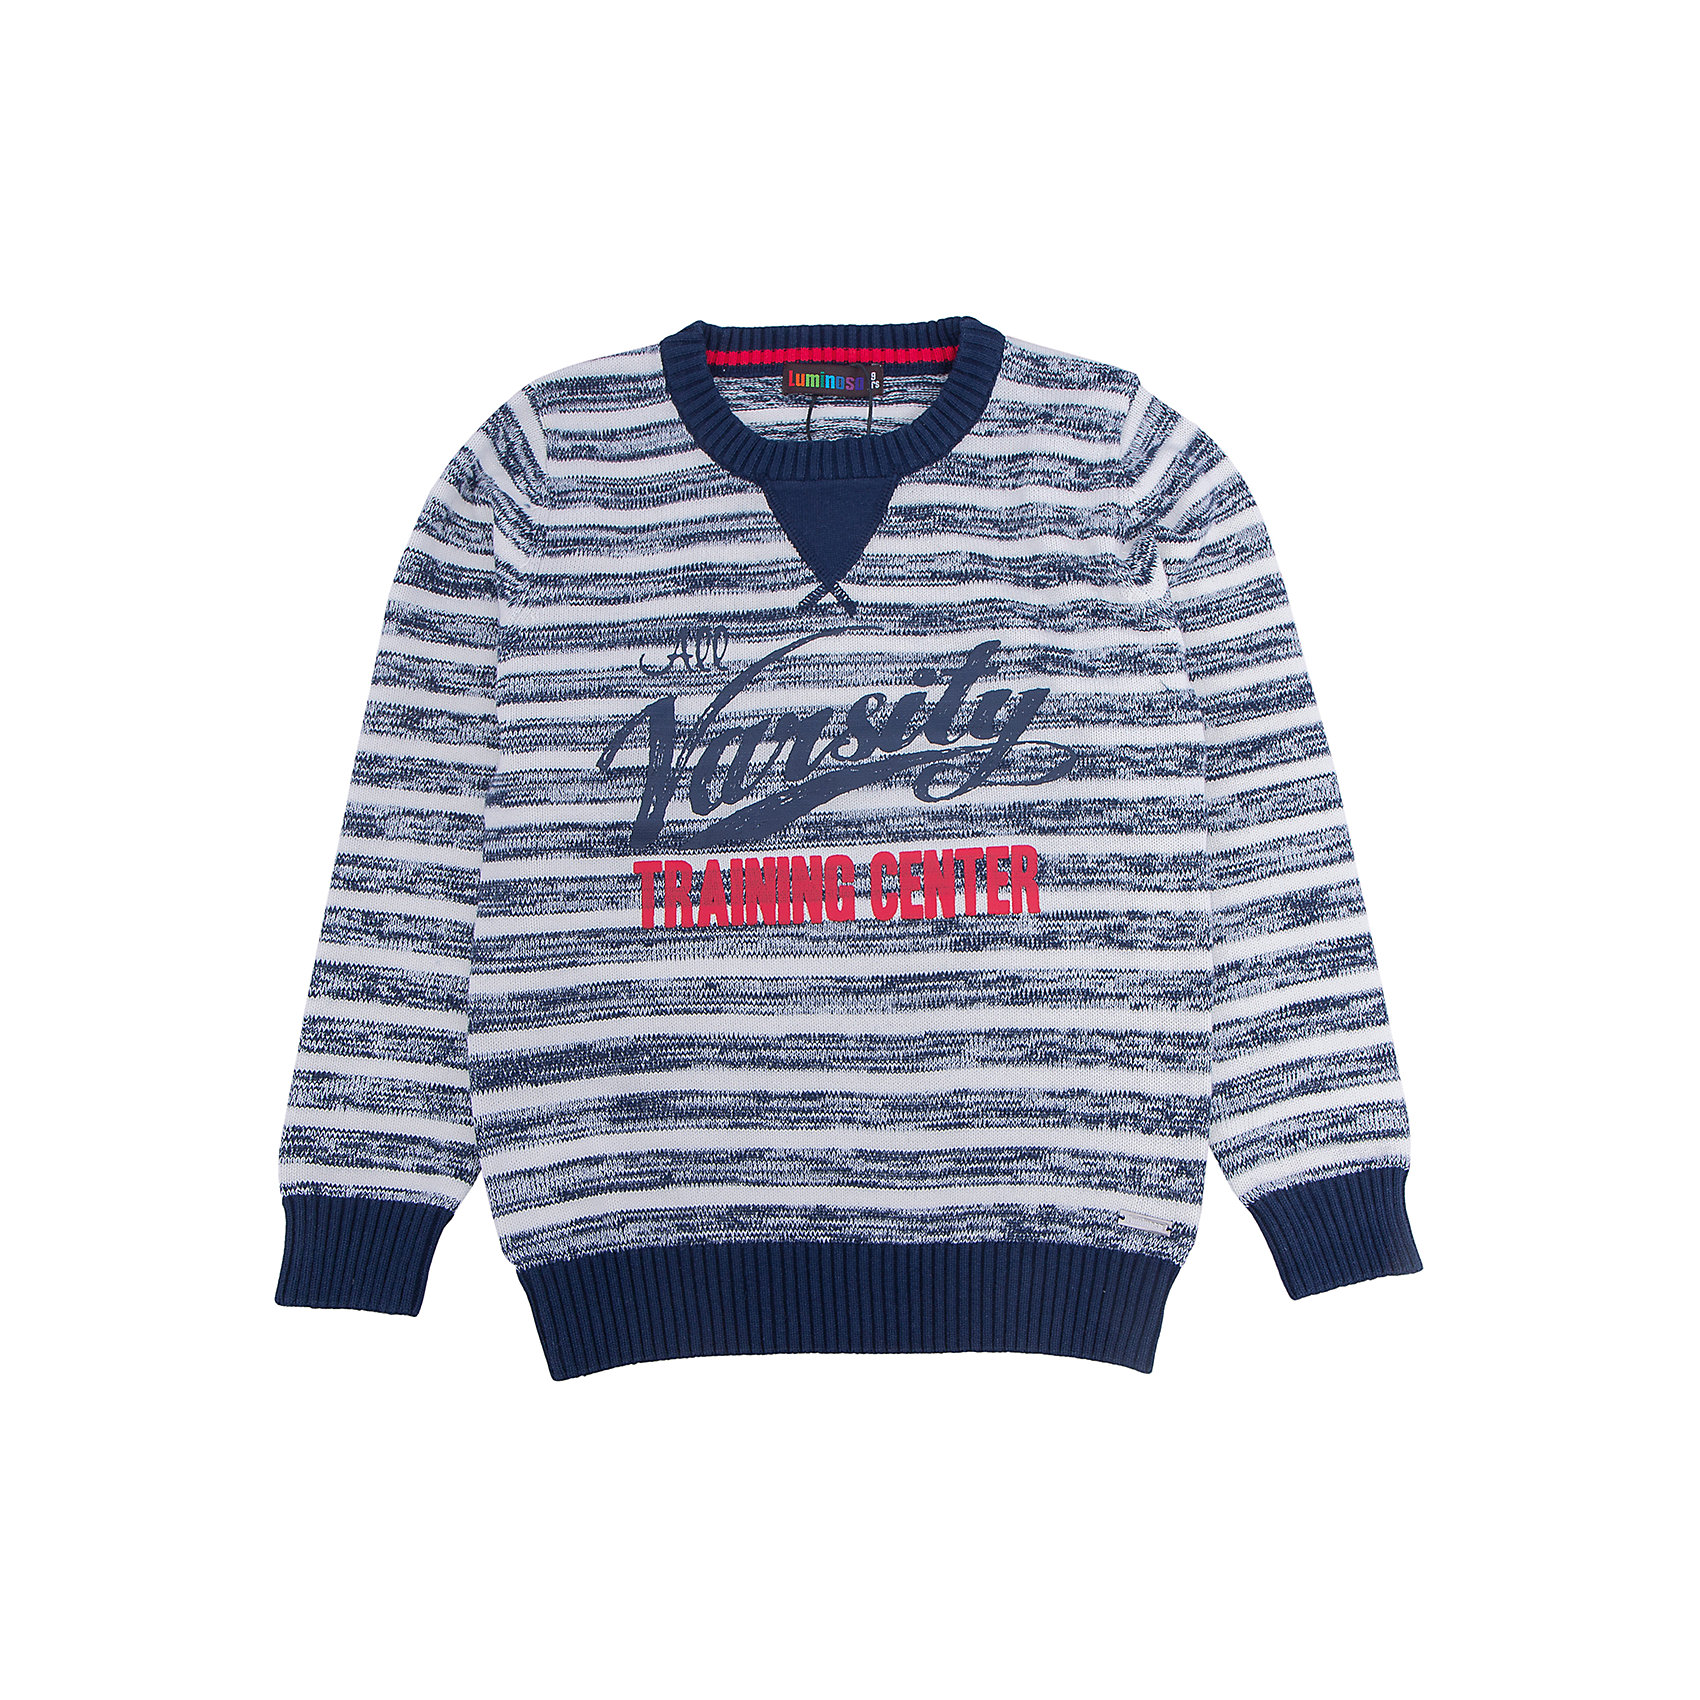 Свитер для мальчика LuminosoХарактеристики товара:<br><br>- цвет: серый;<br>- материал: 100% хлопок;<br>- принт;<br>- резинка по низу и на рукавах;<br>- длинный рукав;<br>- в полоску.<br><br>Стильная одежда от бренда Luminoso (Люминосо), созданная при участии итальянских дизайнеров, учитывает потребности подростков и последние веяния моды. Она удобная и модная.<br>Этот стильный свитер идеален для прохладной погоды. Он хорошо сидит на ребенке, обеспечивает комфорт и отлично сочетается с одежной разных стилей. Модель отличается высоким качеством материала и продуманным дизайном.<br><br>Свитер для мальчика от бренда Luminoso (Люминосо) можно купить в нашем интернет-магазине.<br><br>Ширина мм: 190<br>Глубина мм: 74<br>Высота мм: 229<br>Вес г: 236<br>Цвет: серый<br>Возраст от месяцев: 132<br>Возраст до месяцев: 144<br>Пол: Мужской<br>Возраст: Детский<br>Размер: 152,146,158,164,134,140<br>SKU: 4931012